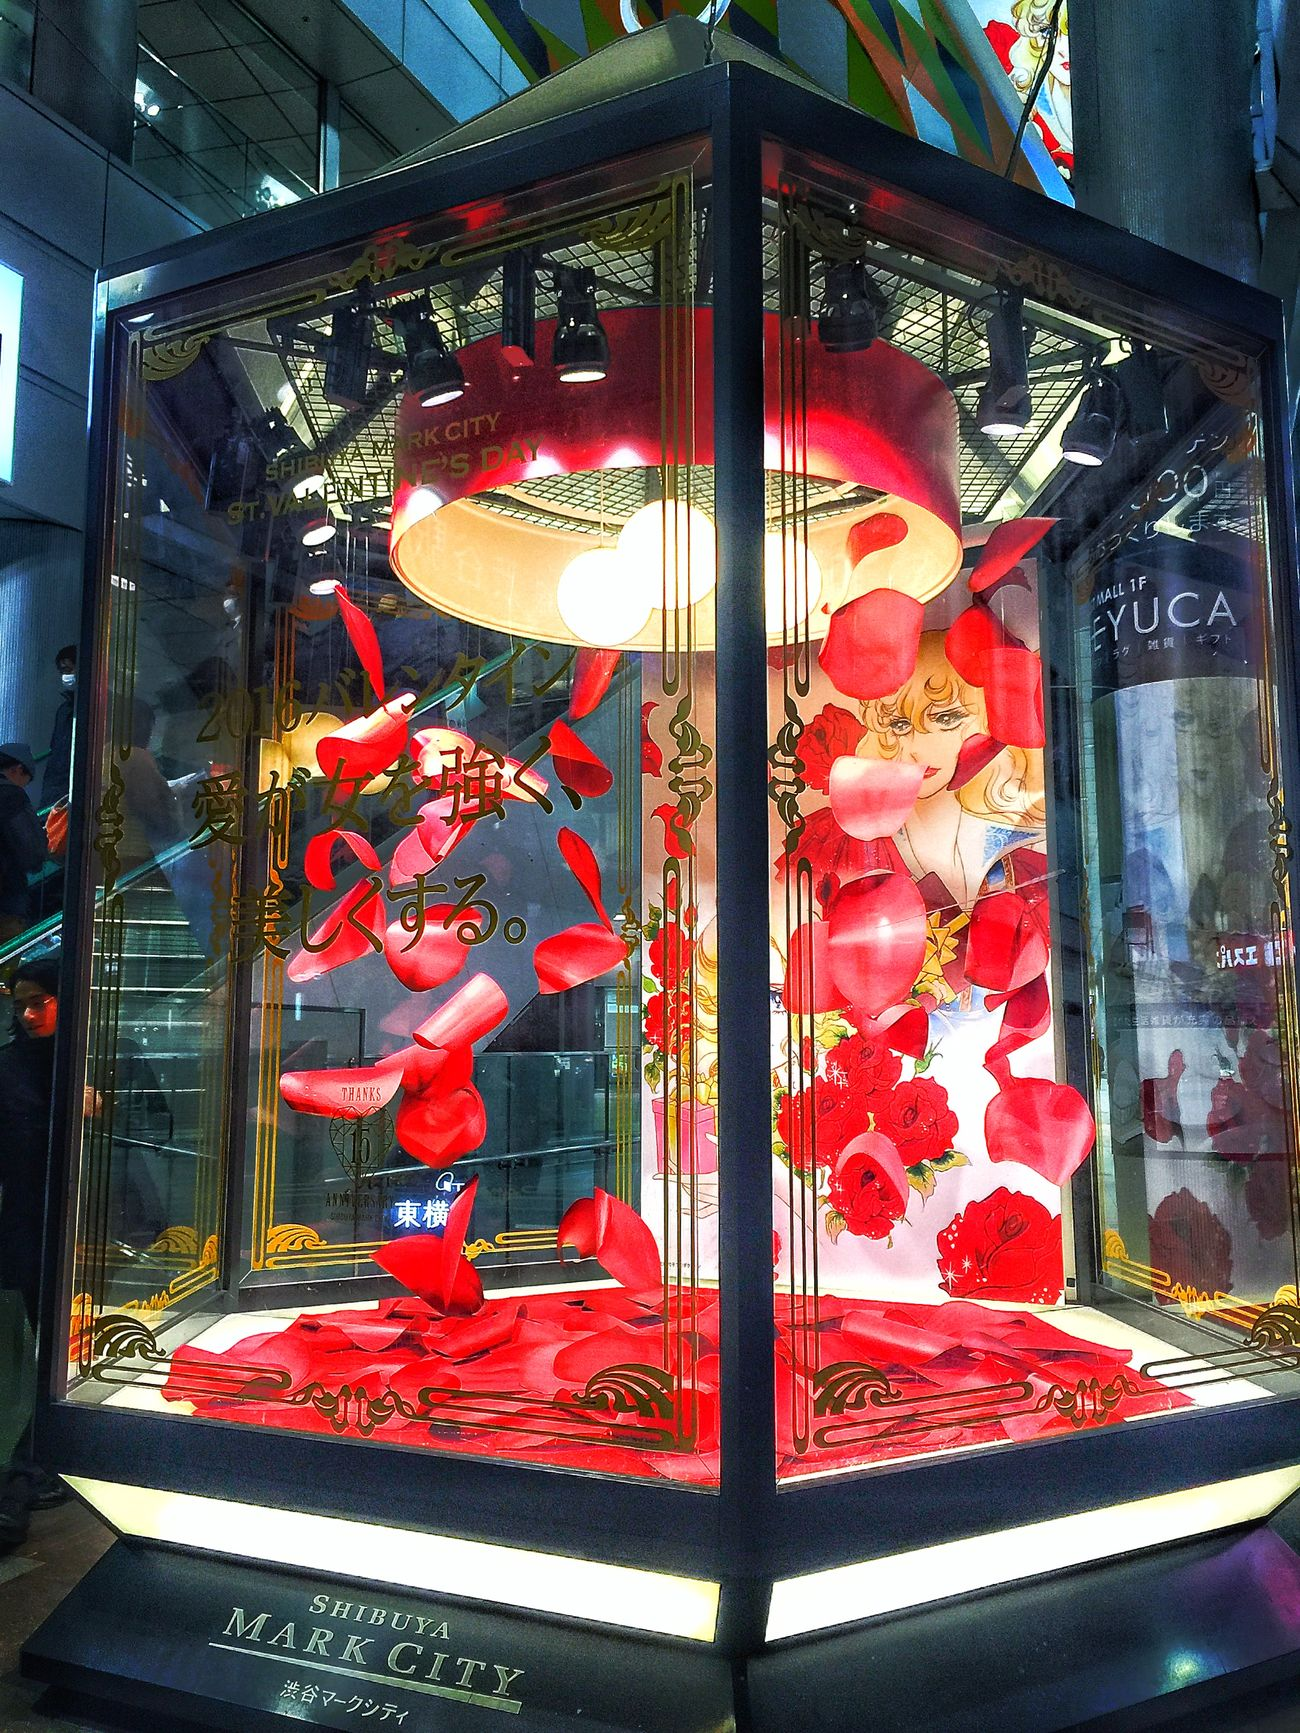 愛が女を強く、美しくする 男はどうしたら強く…美しくなれるのか… なんてね EyeEmBestPics IPhoneography ベルサイユのばら オスカル Window Display Roses 東京雑景 Shibuya Public Transportation